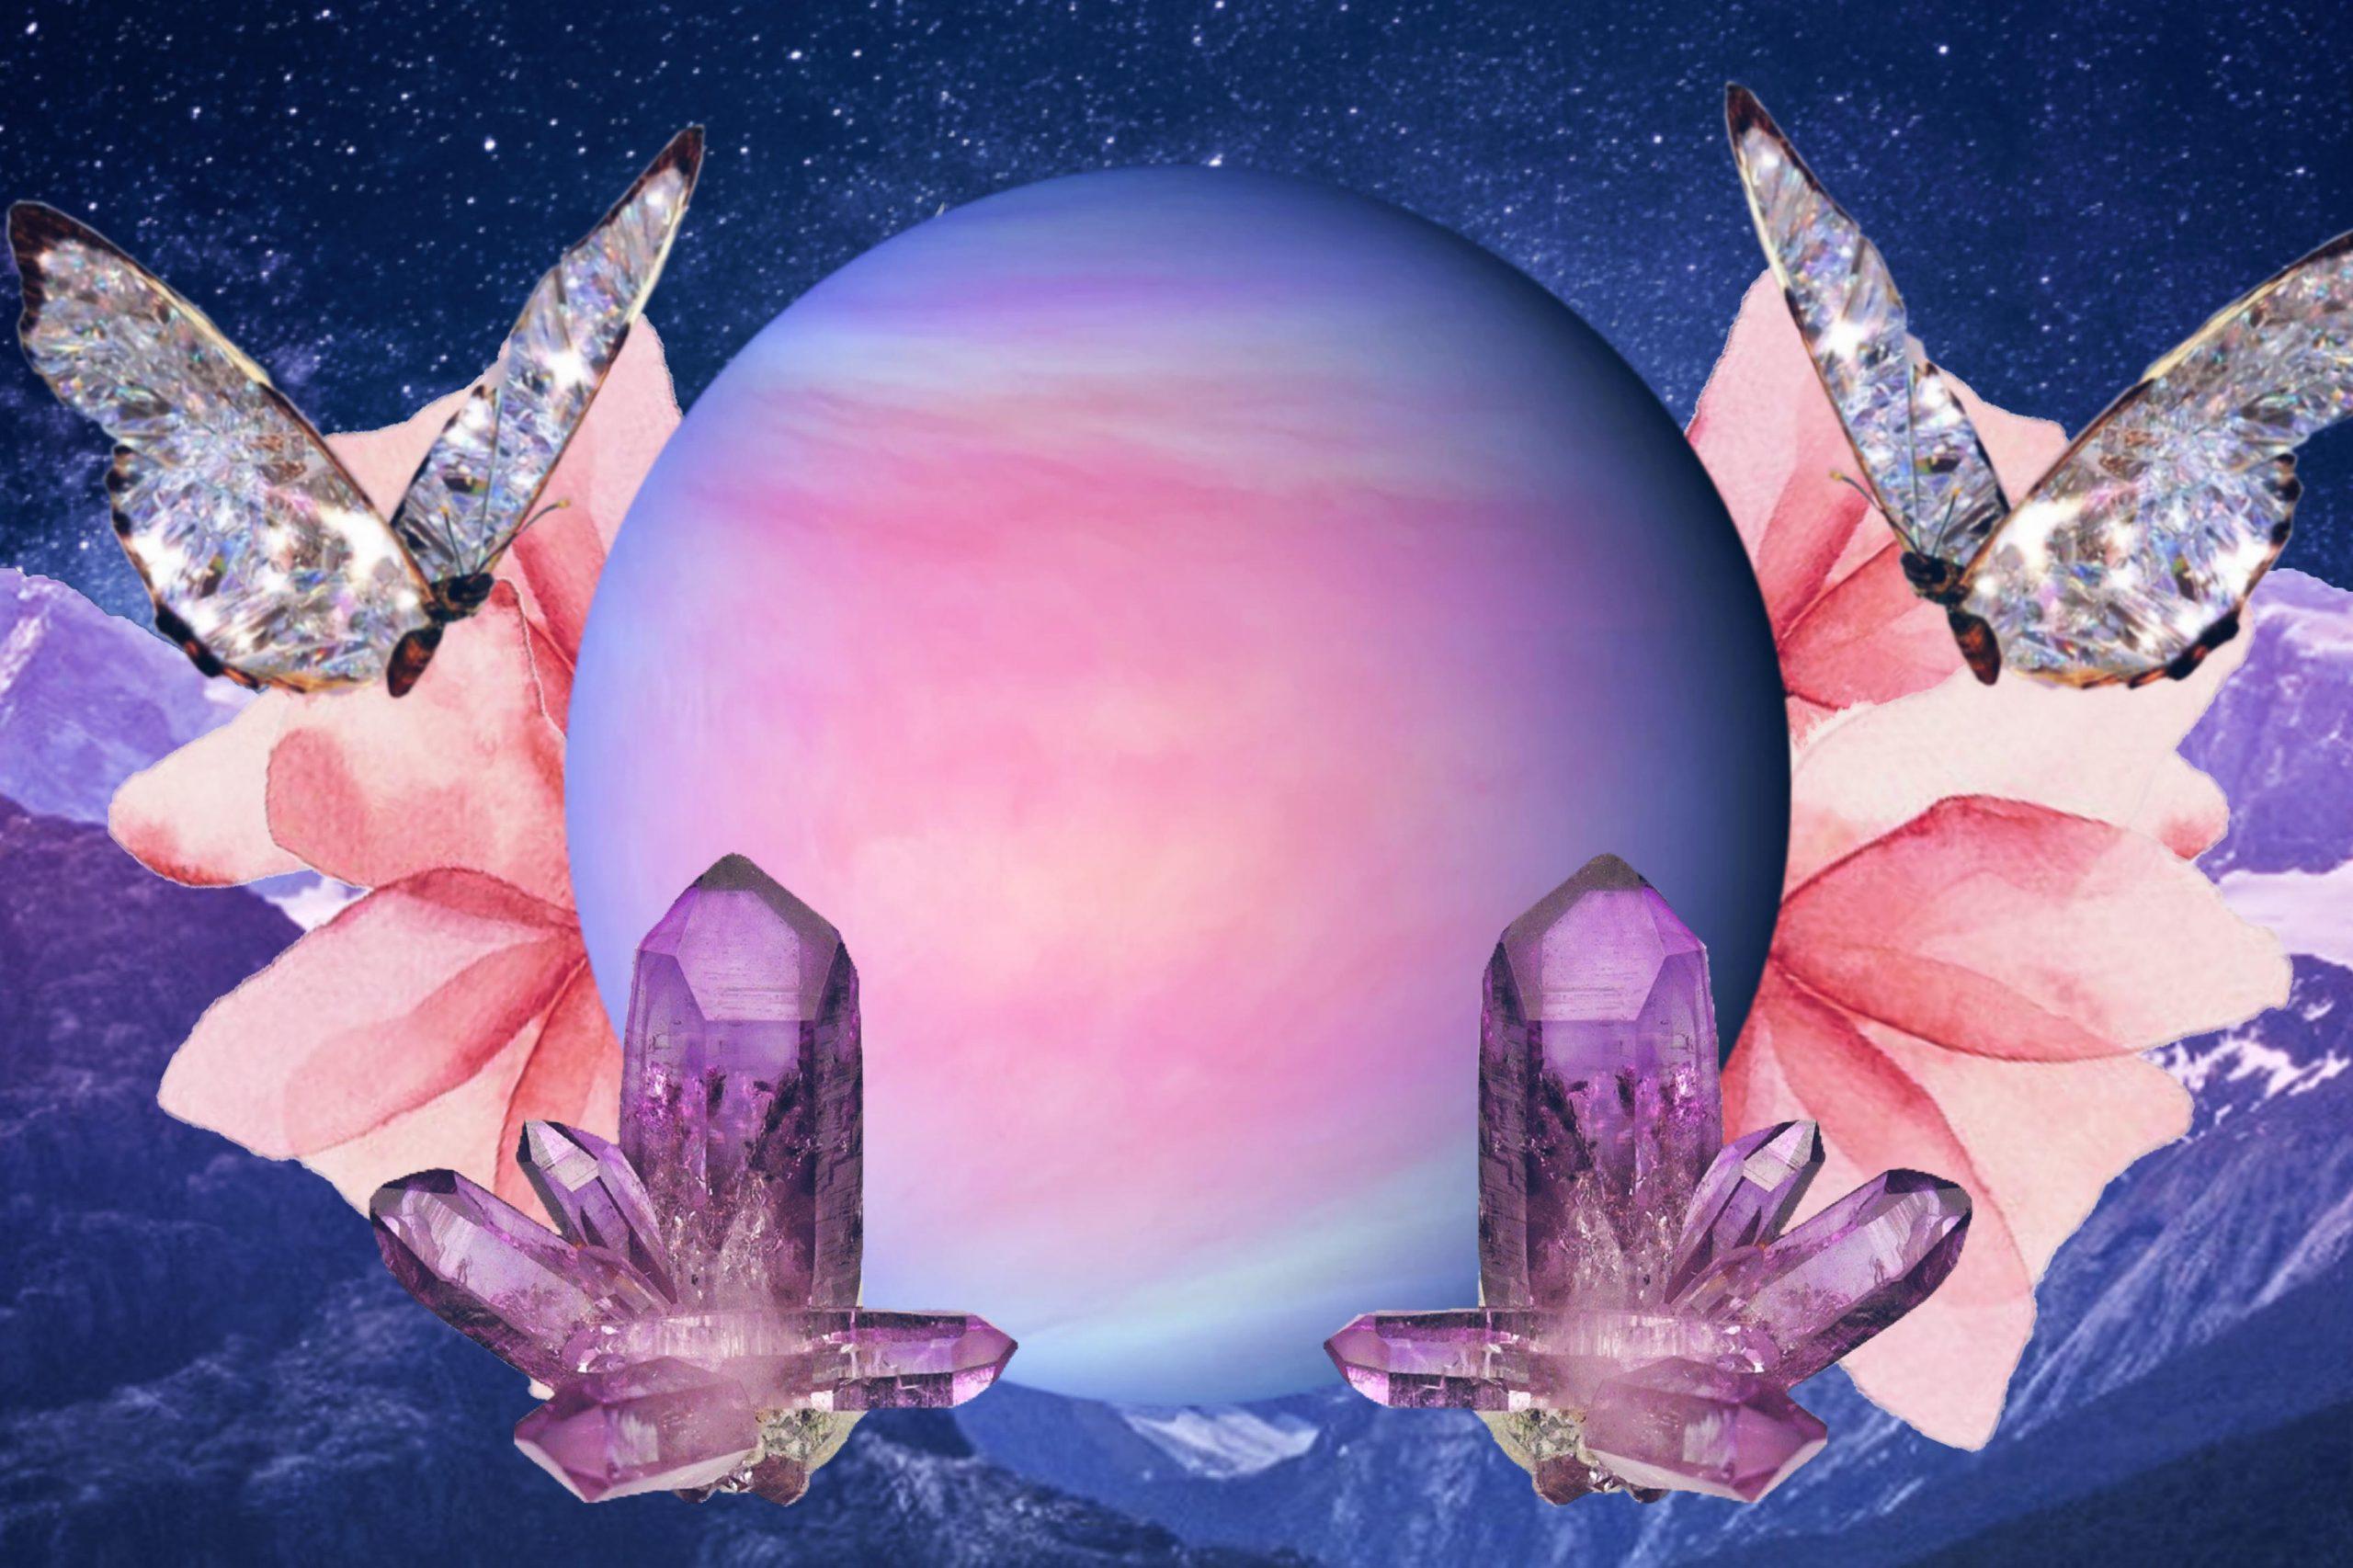 2022 Retrograde Calendar.Venus Retrograde In Capricorn Brings Profound Changes As We Welcome 2022 Astrology Com